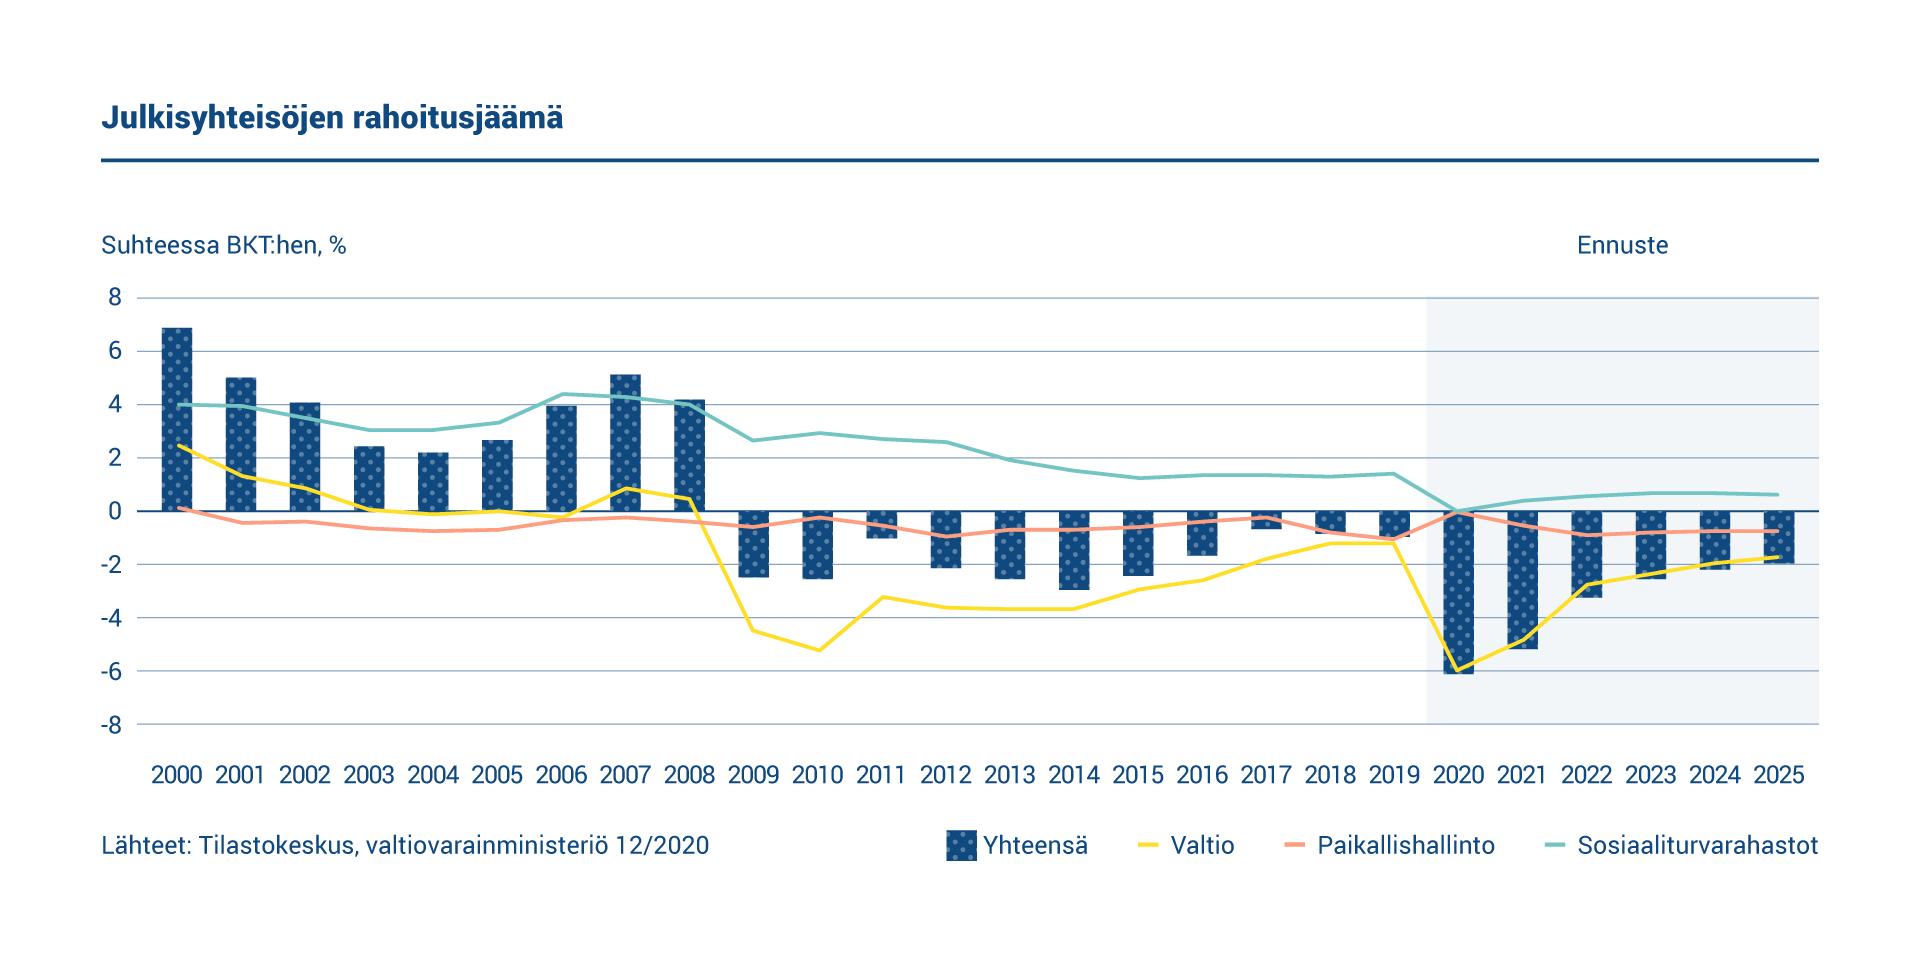 Kaaviossa esitetään Suomen julkisyhteisöjen rahoitusjäämä. Sosiaaliturvarahastot ovat ylijäämäisiä, mutta valtionhallinto ja paikallishallinto ovat alijäämäisiä.